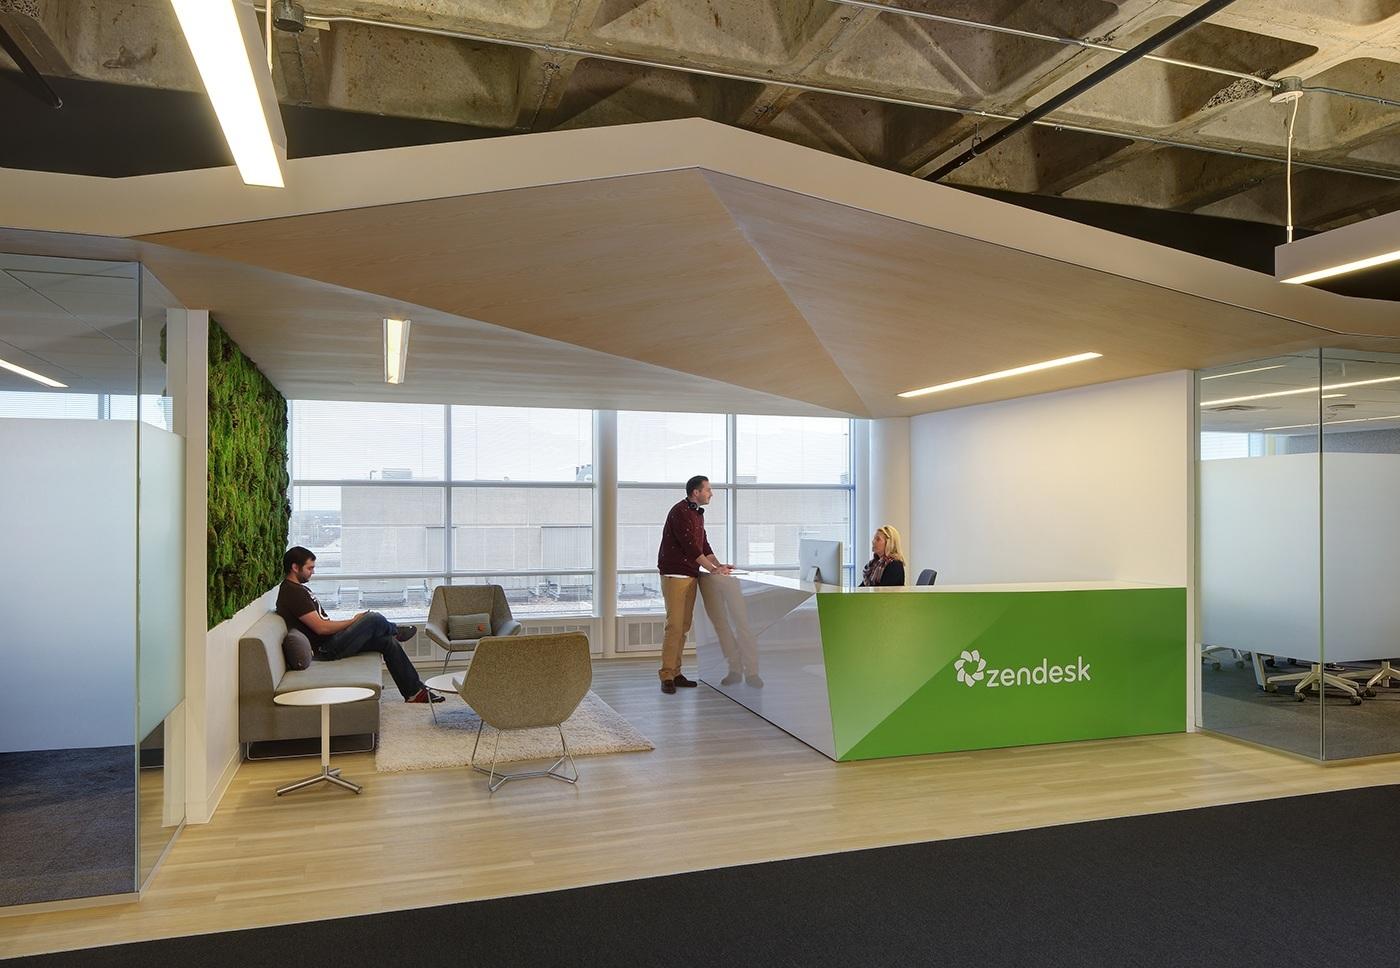 A peek inside zendesk s new madison offices officelovin 39 for Office design zen